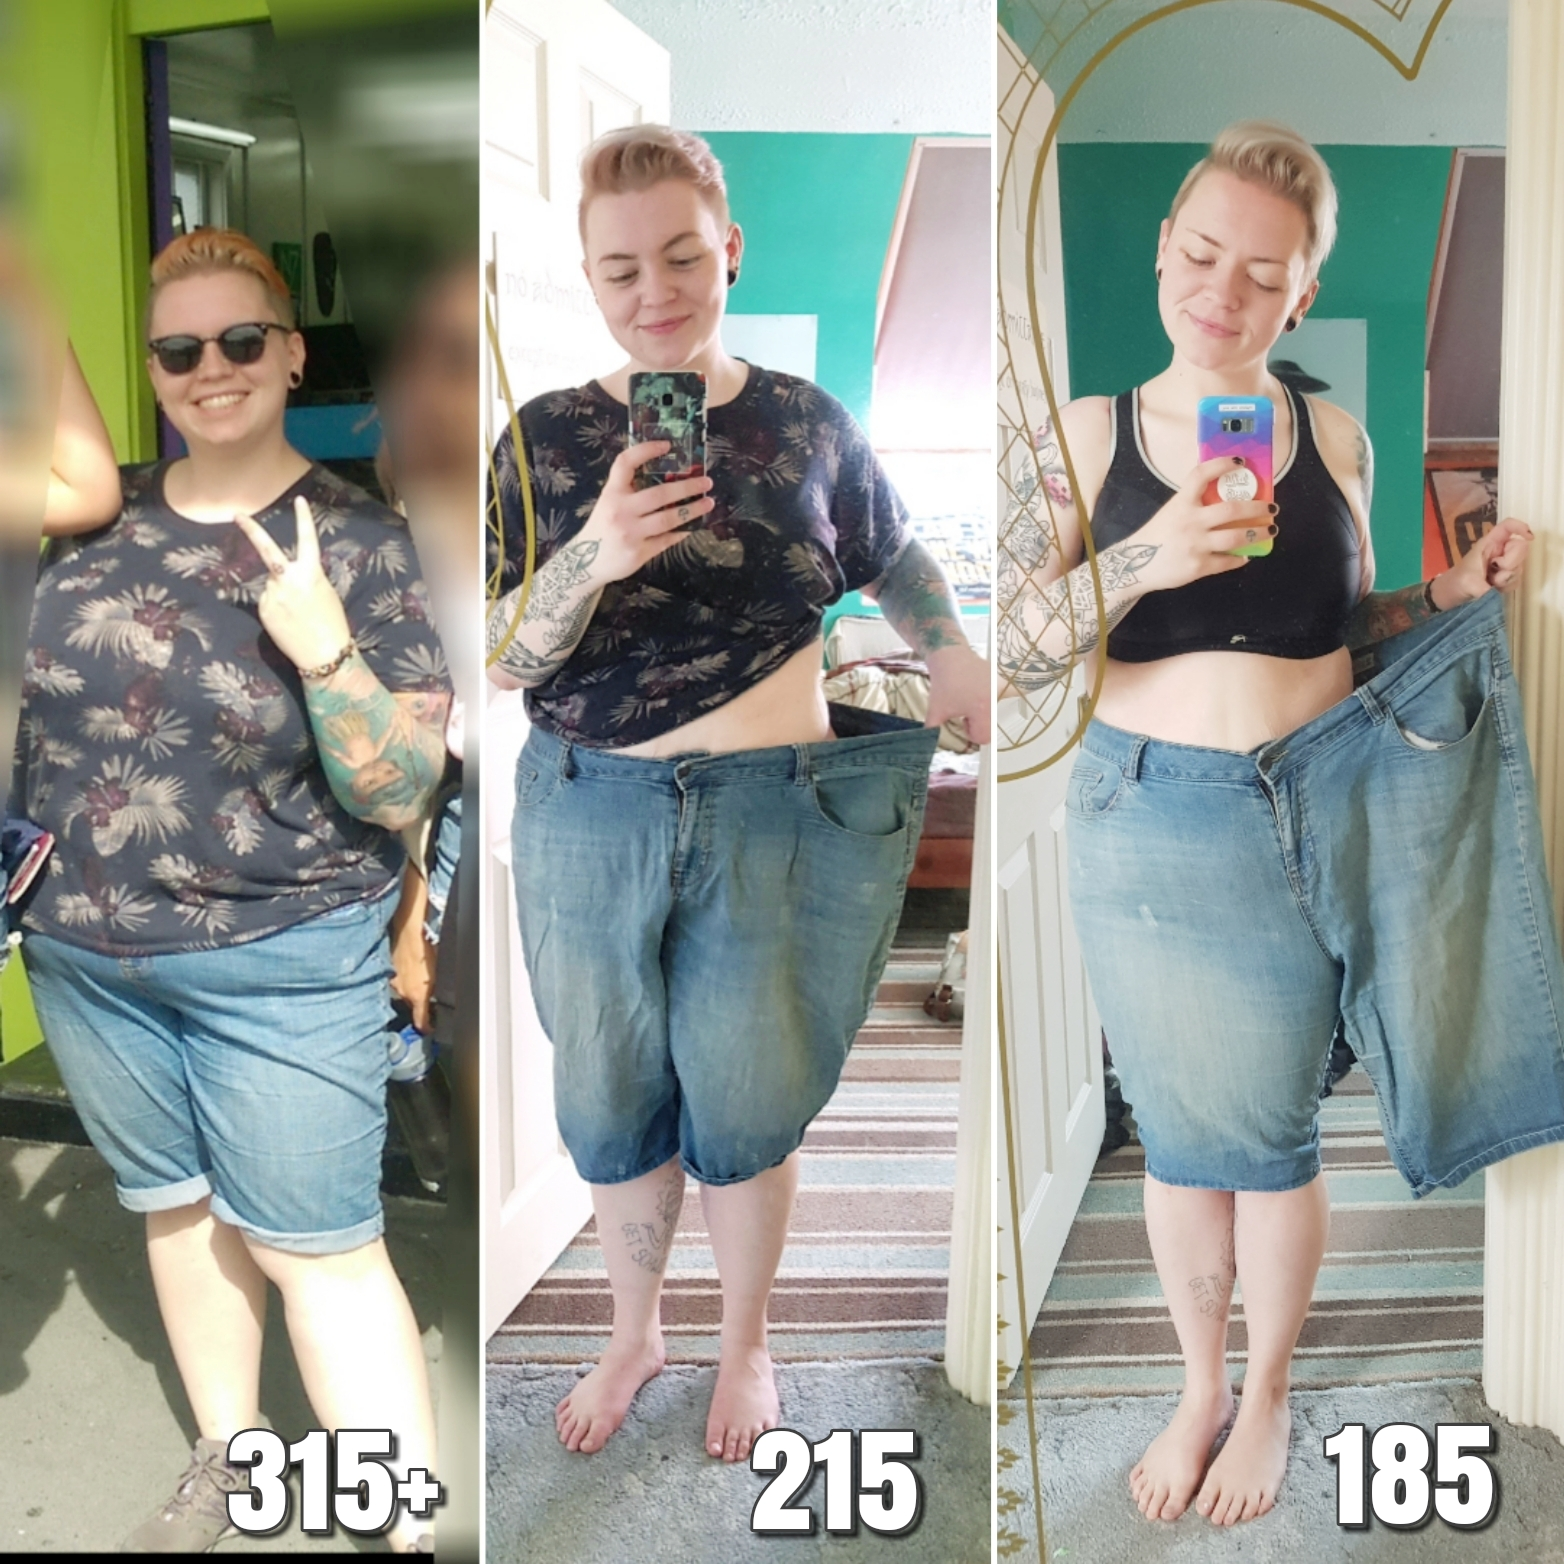 5 feet 6 Female 130 lbs Weight Loss 315 lbs to 185 lbs